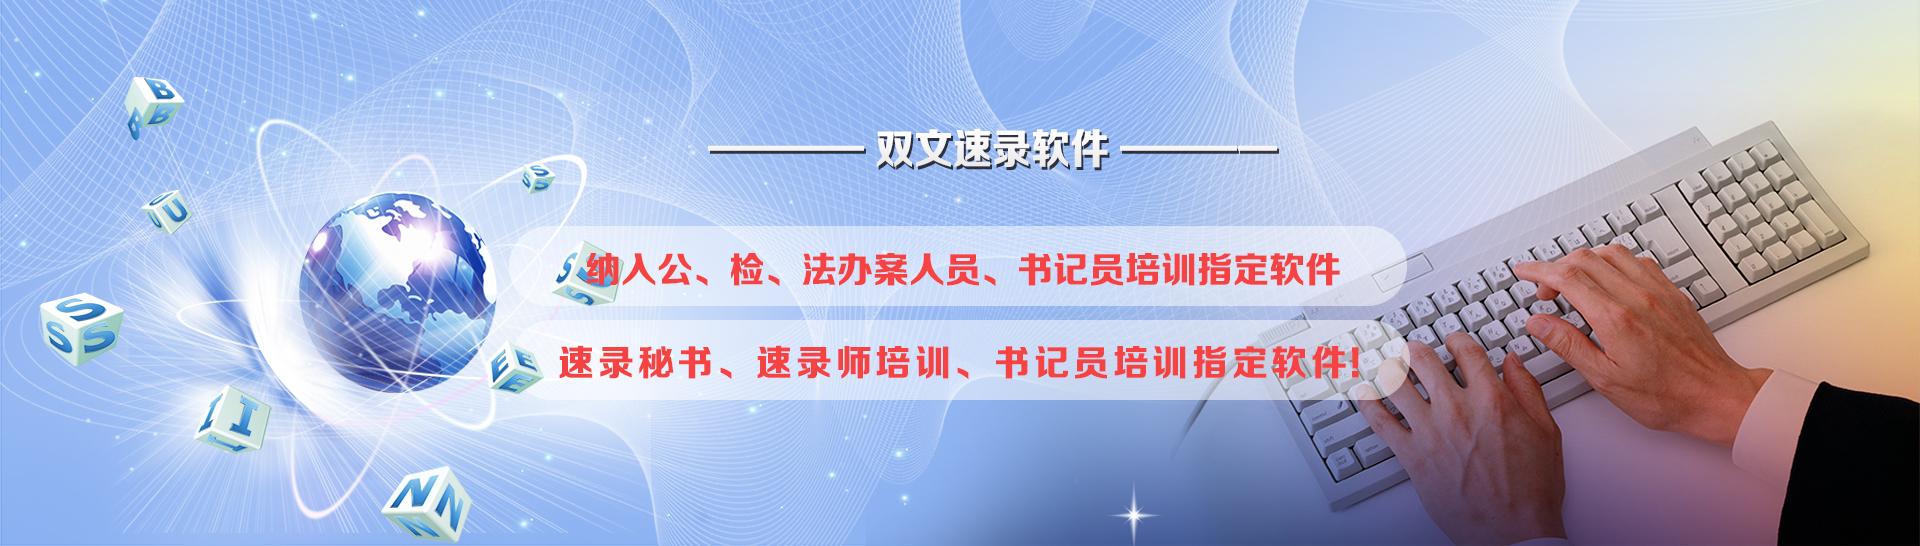 中国书记员培训网